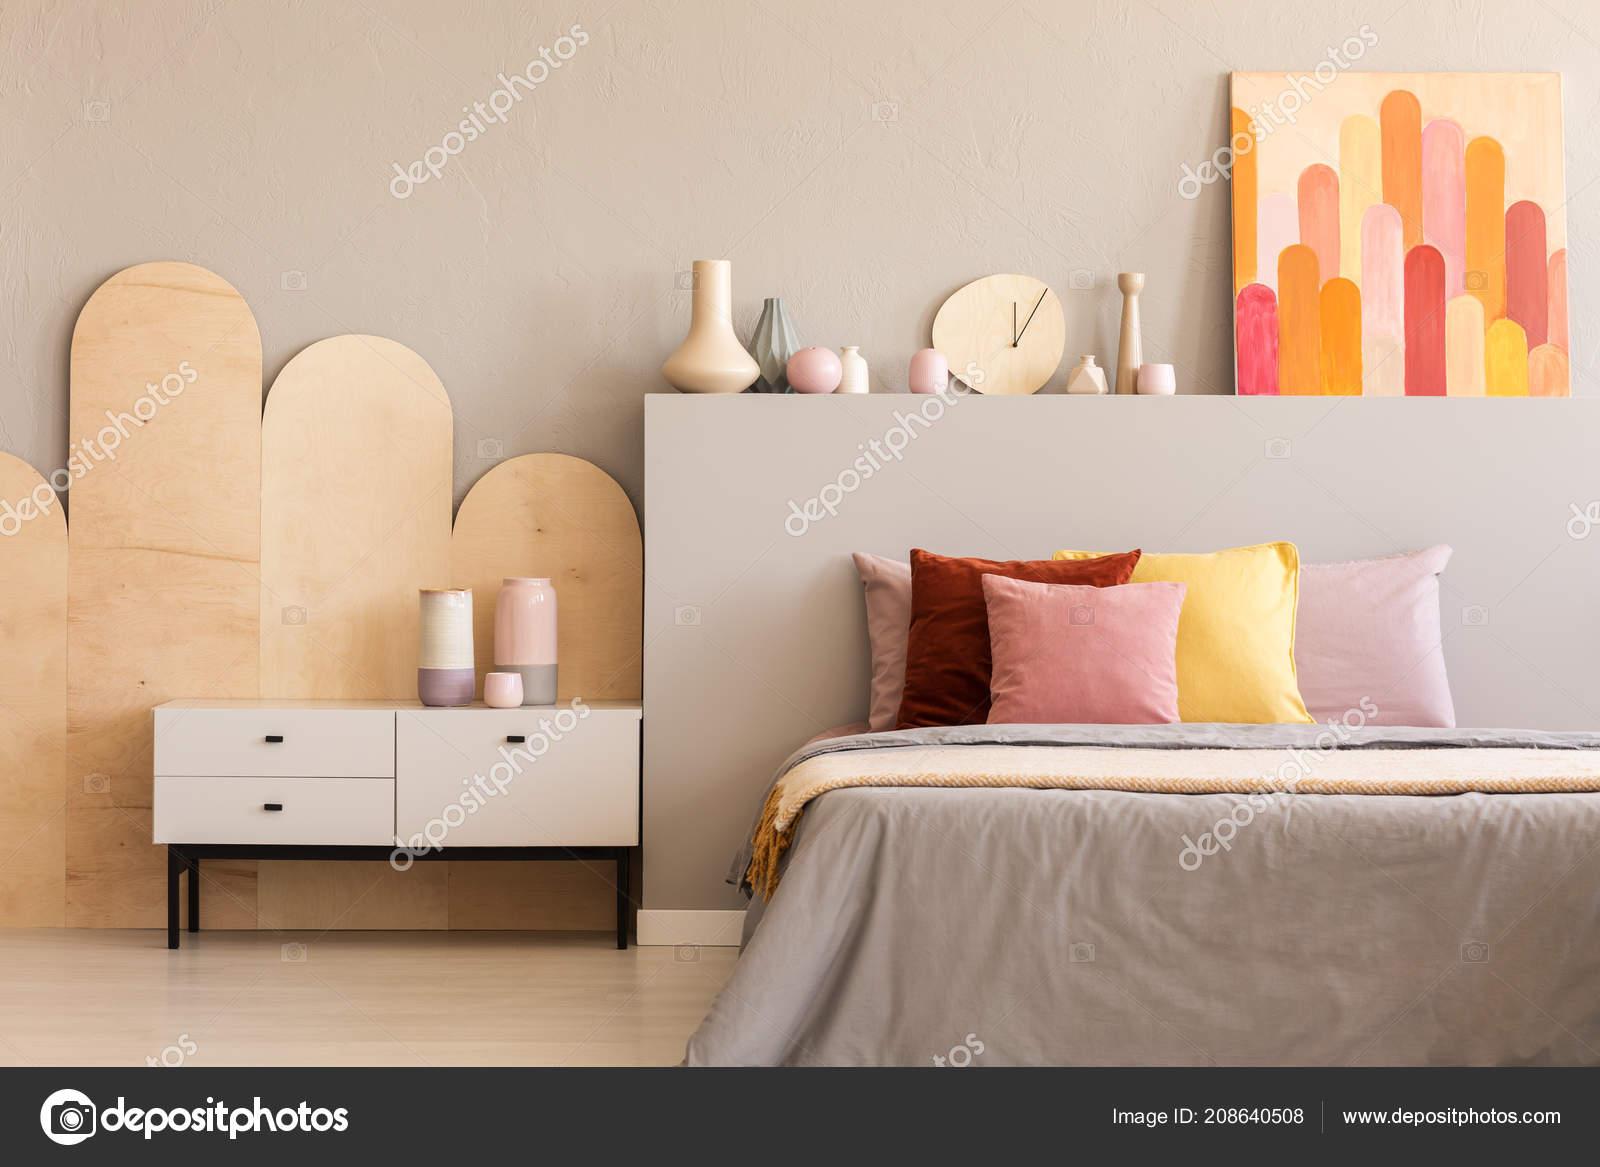 Pitture Per Interni Grigio : Pittura colorata grigio testata del letto con cuscini interno